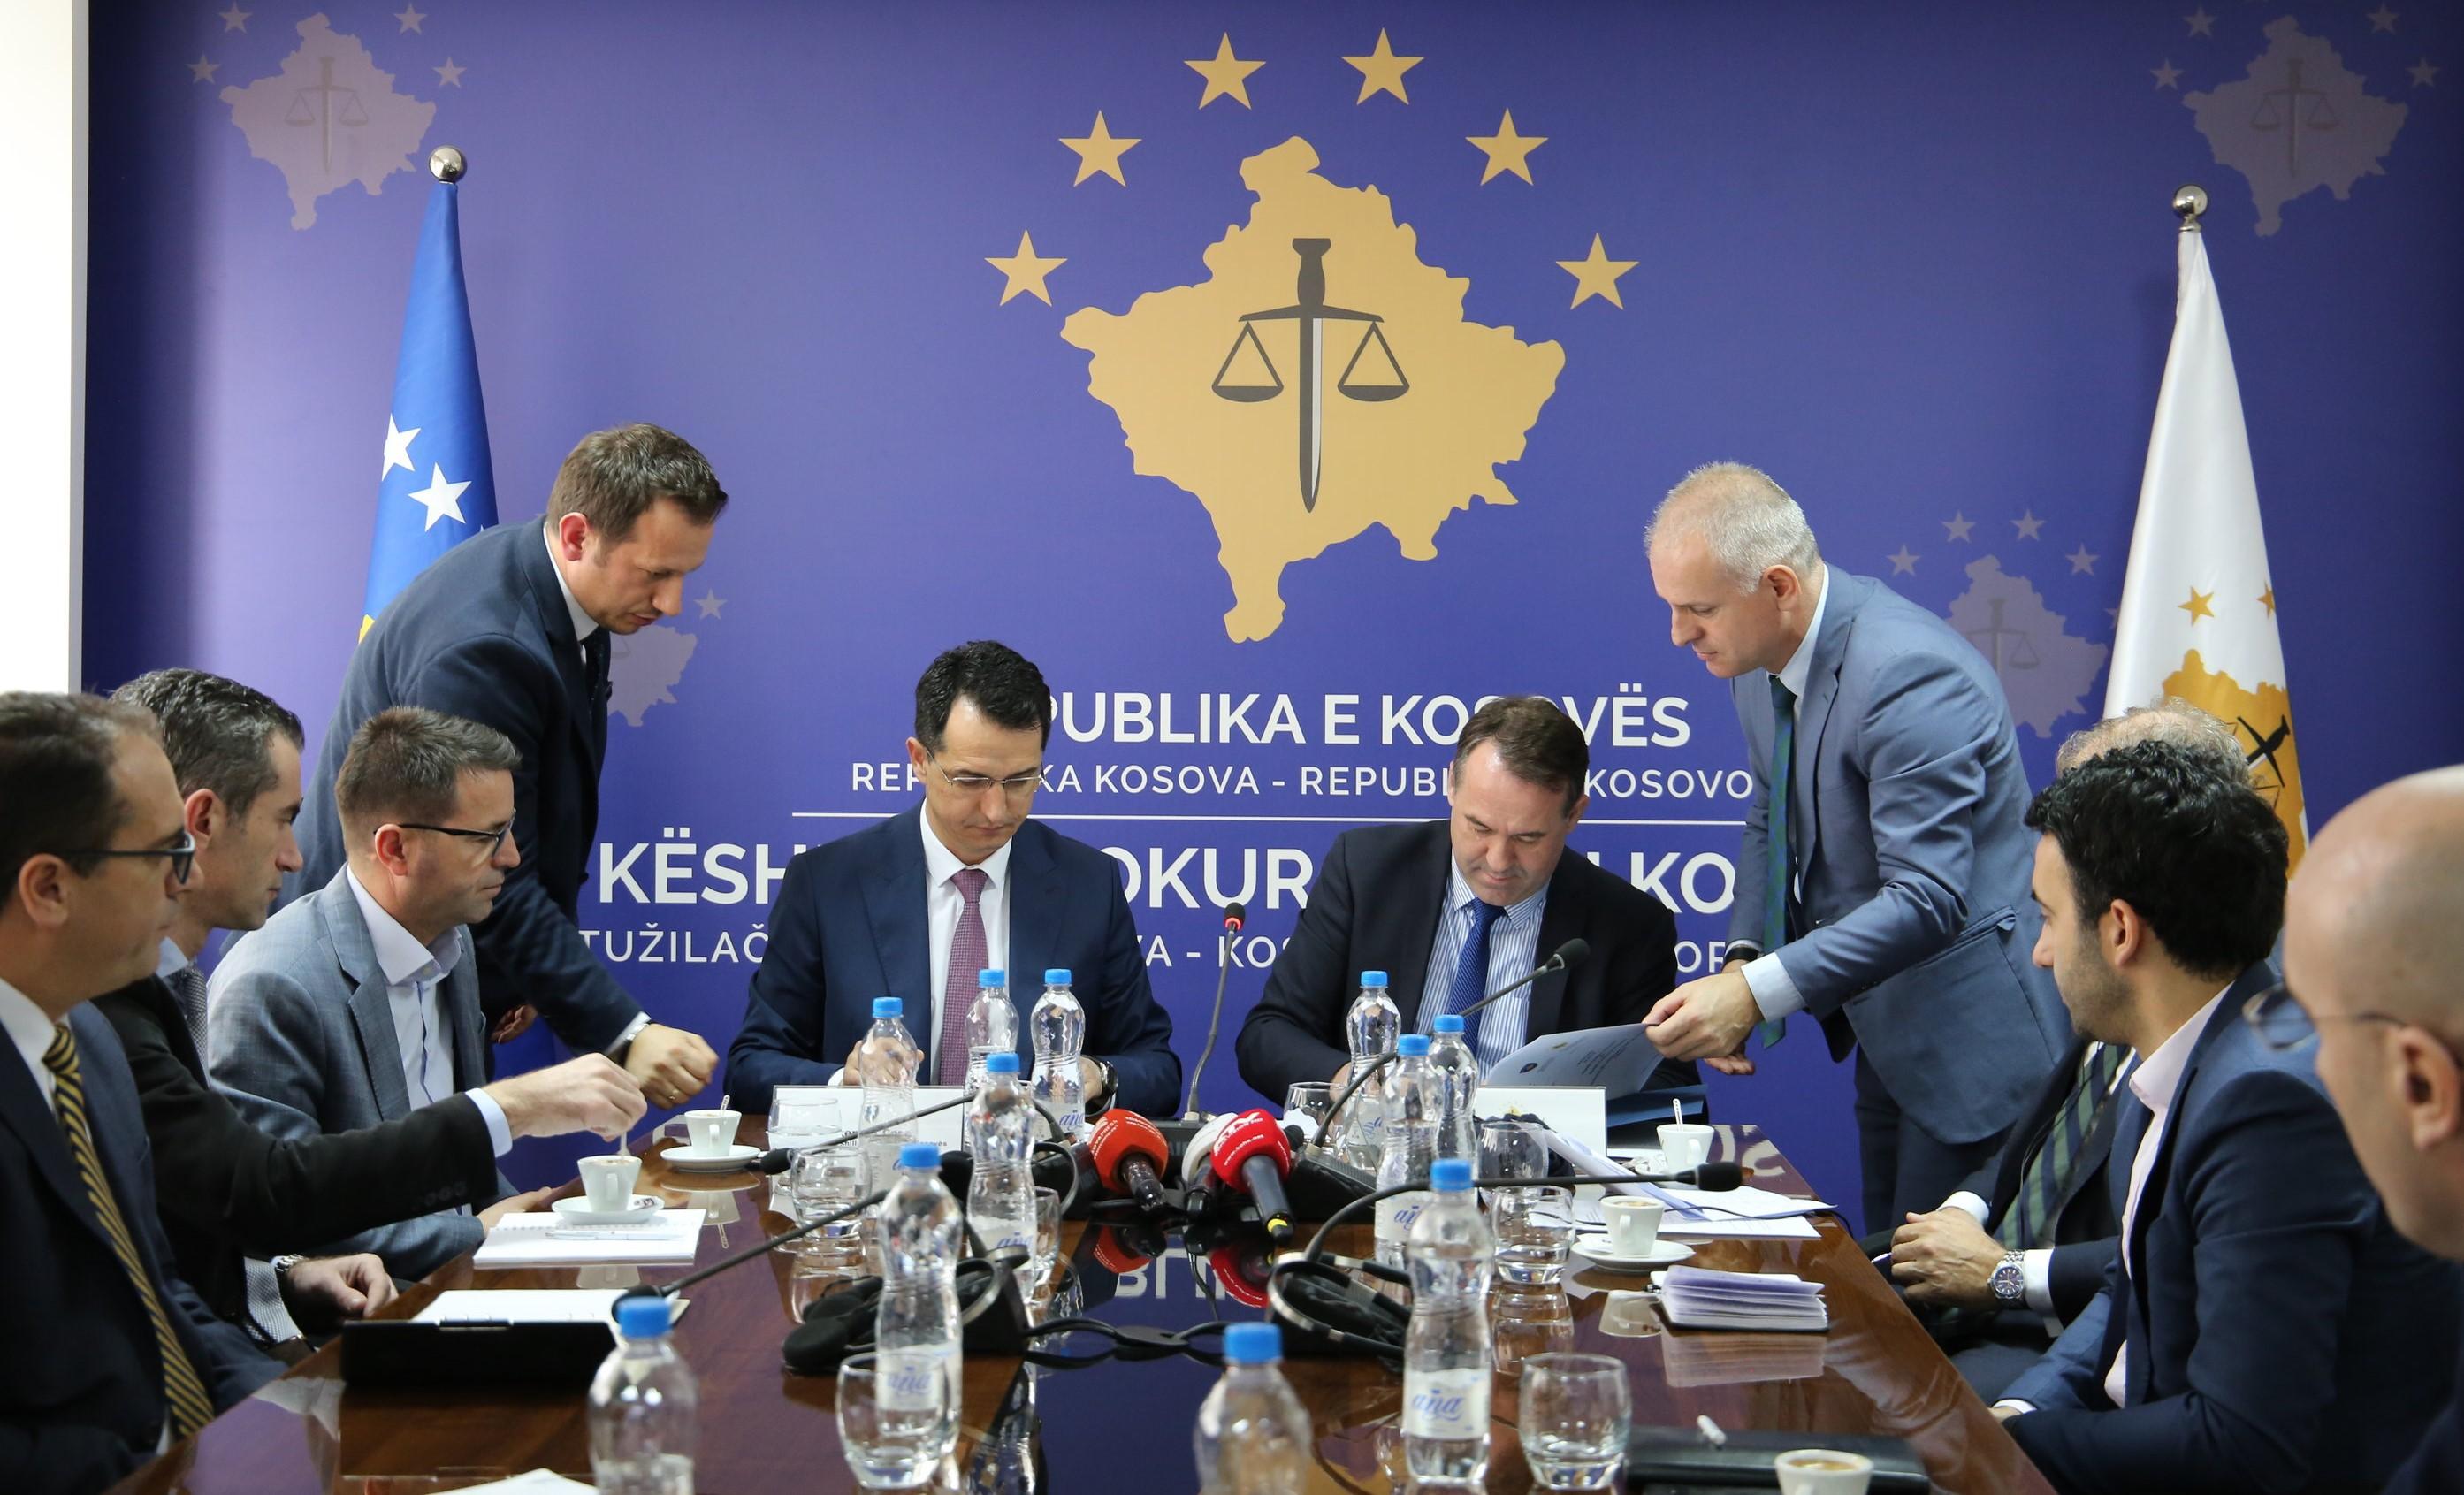 KPK dhe KGJK nënshkruajnë marrëveshje për shkëmbimin e të dhënave në mënyrë elektronike